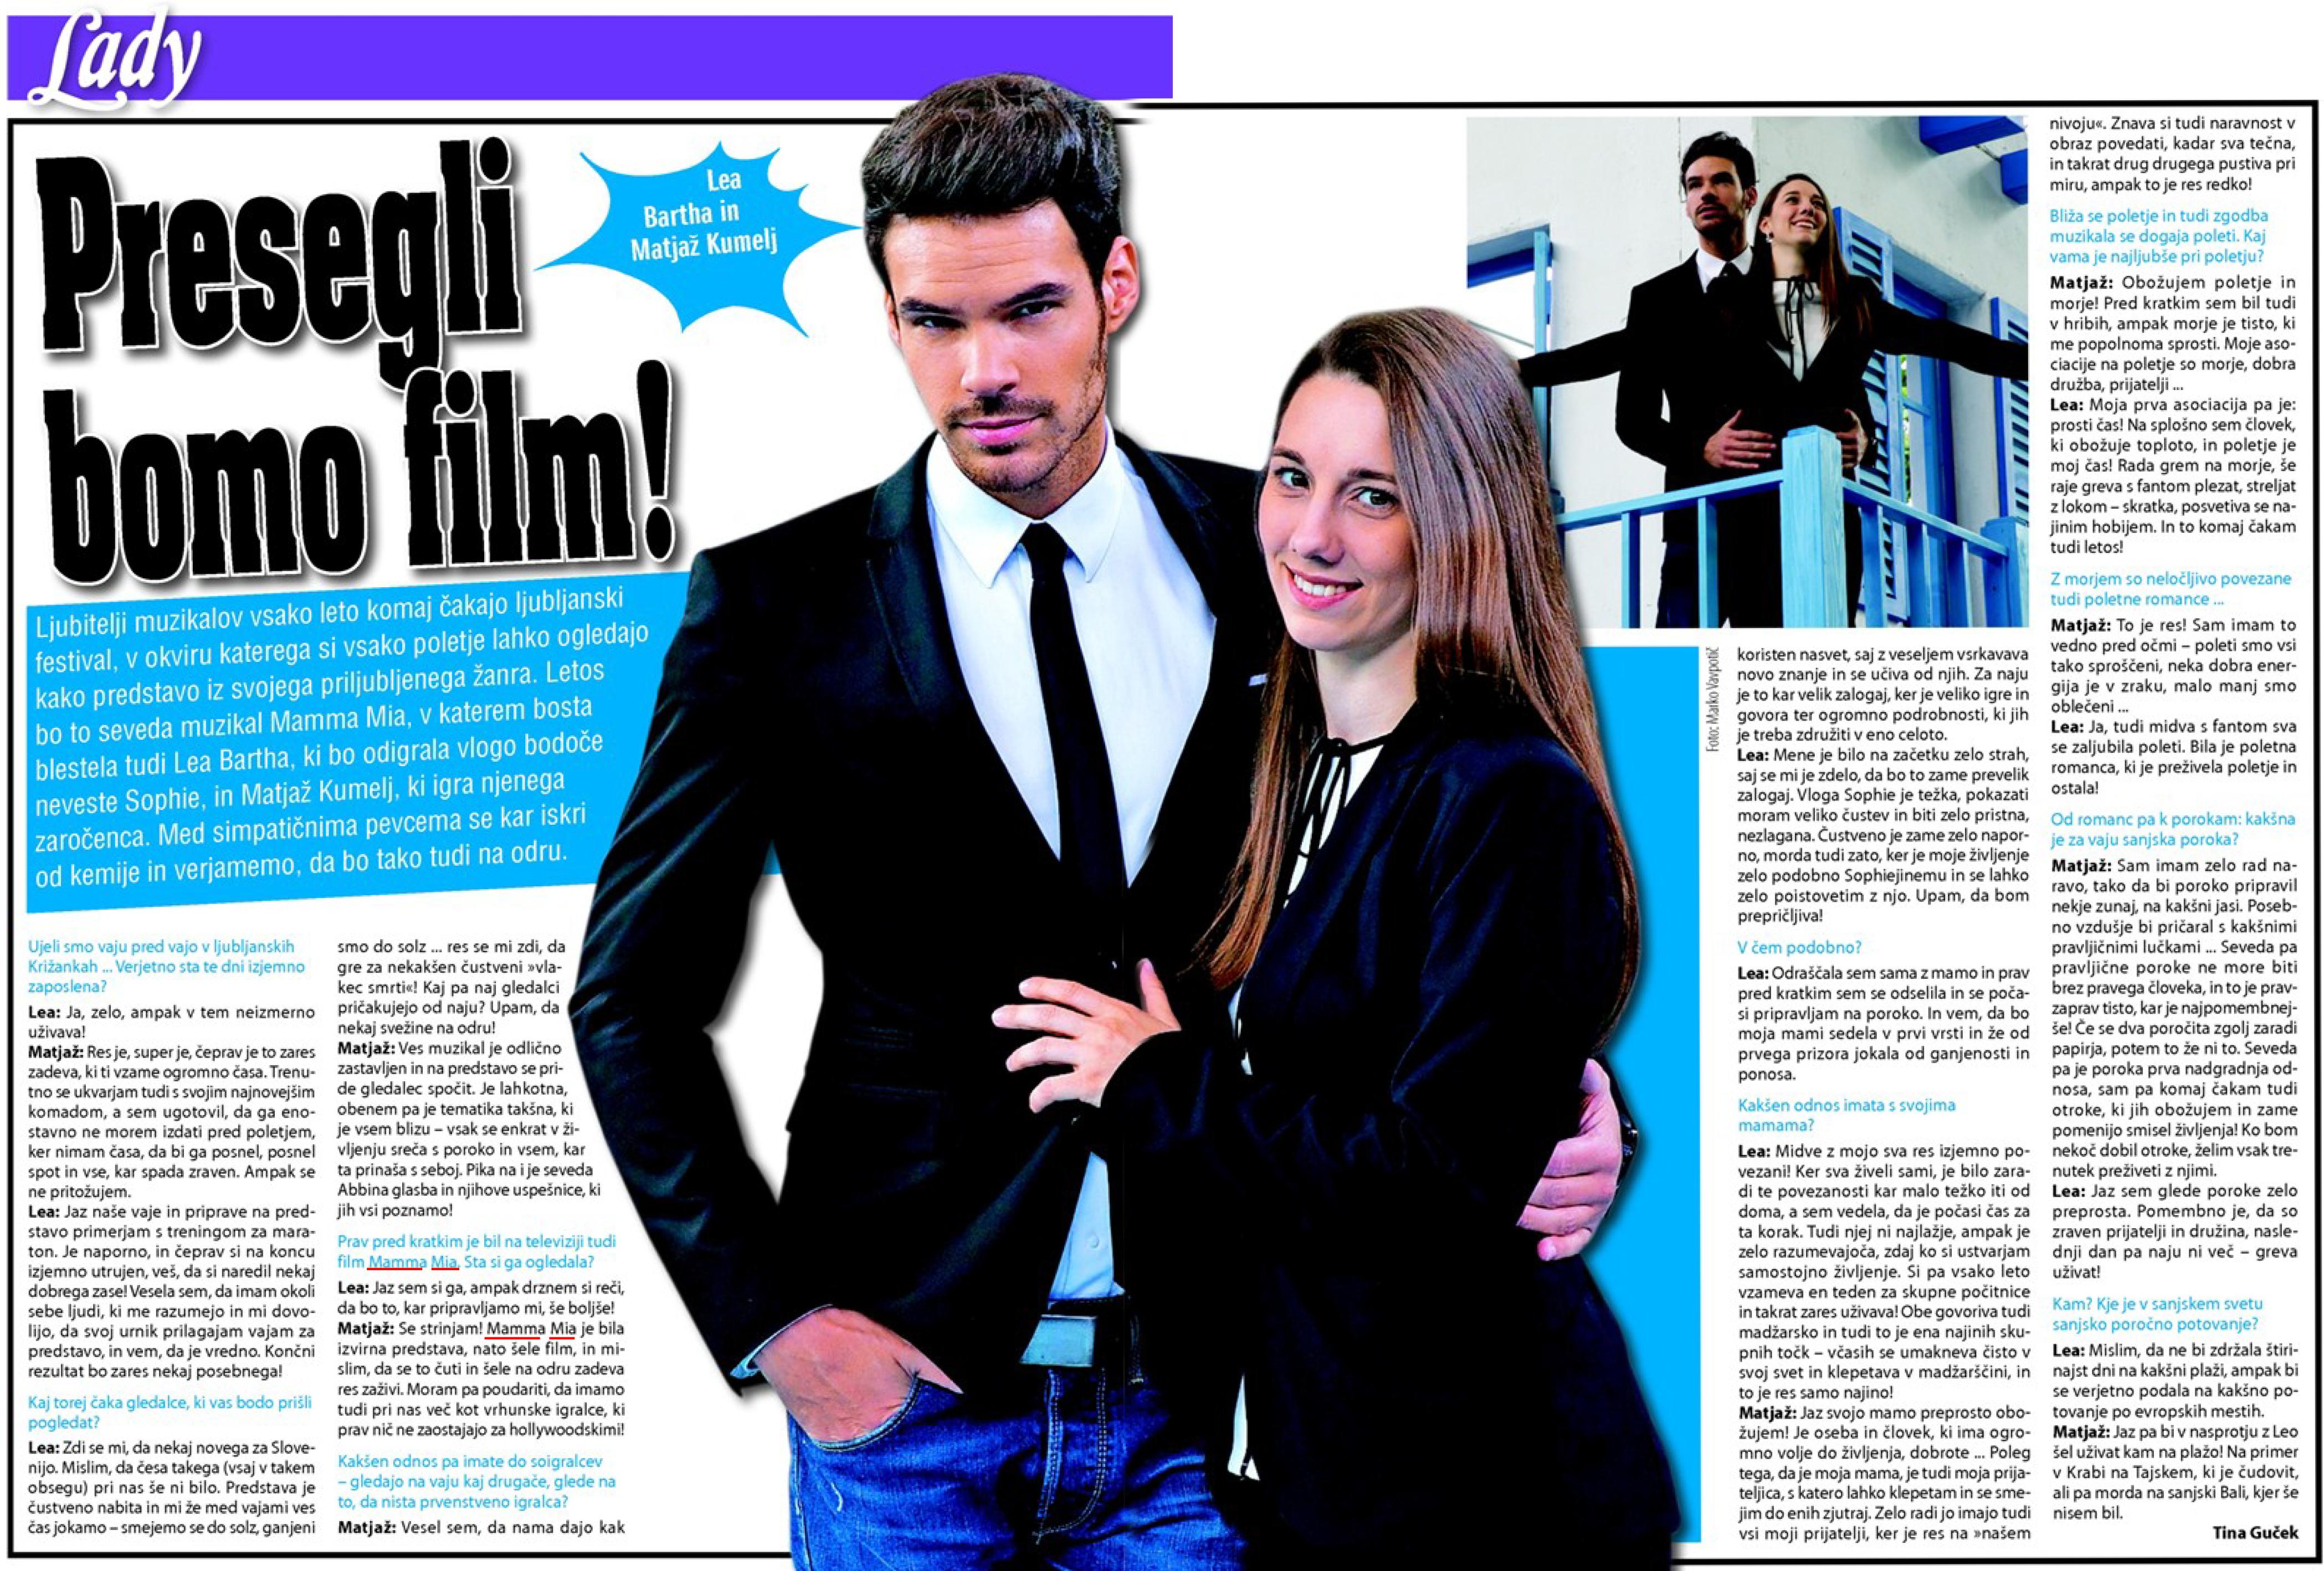 Revija Lady 1. 6. 2015